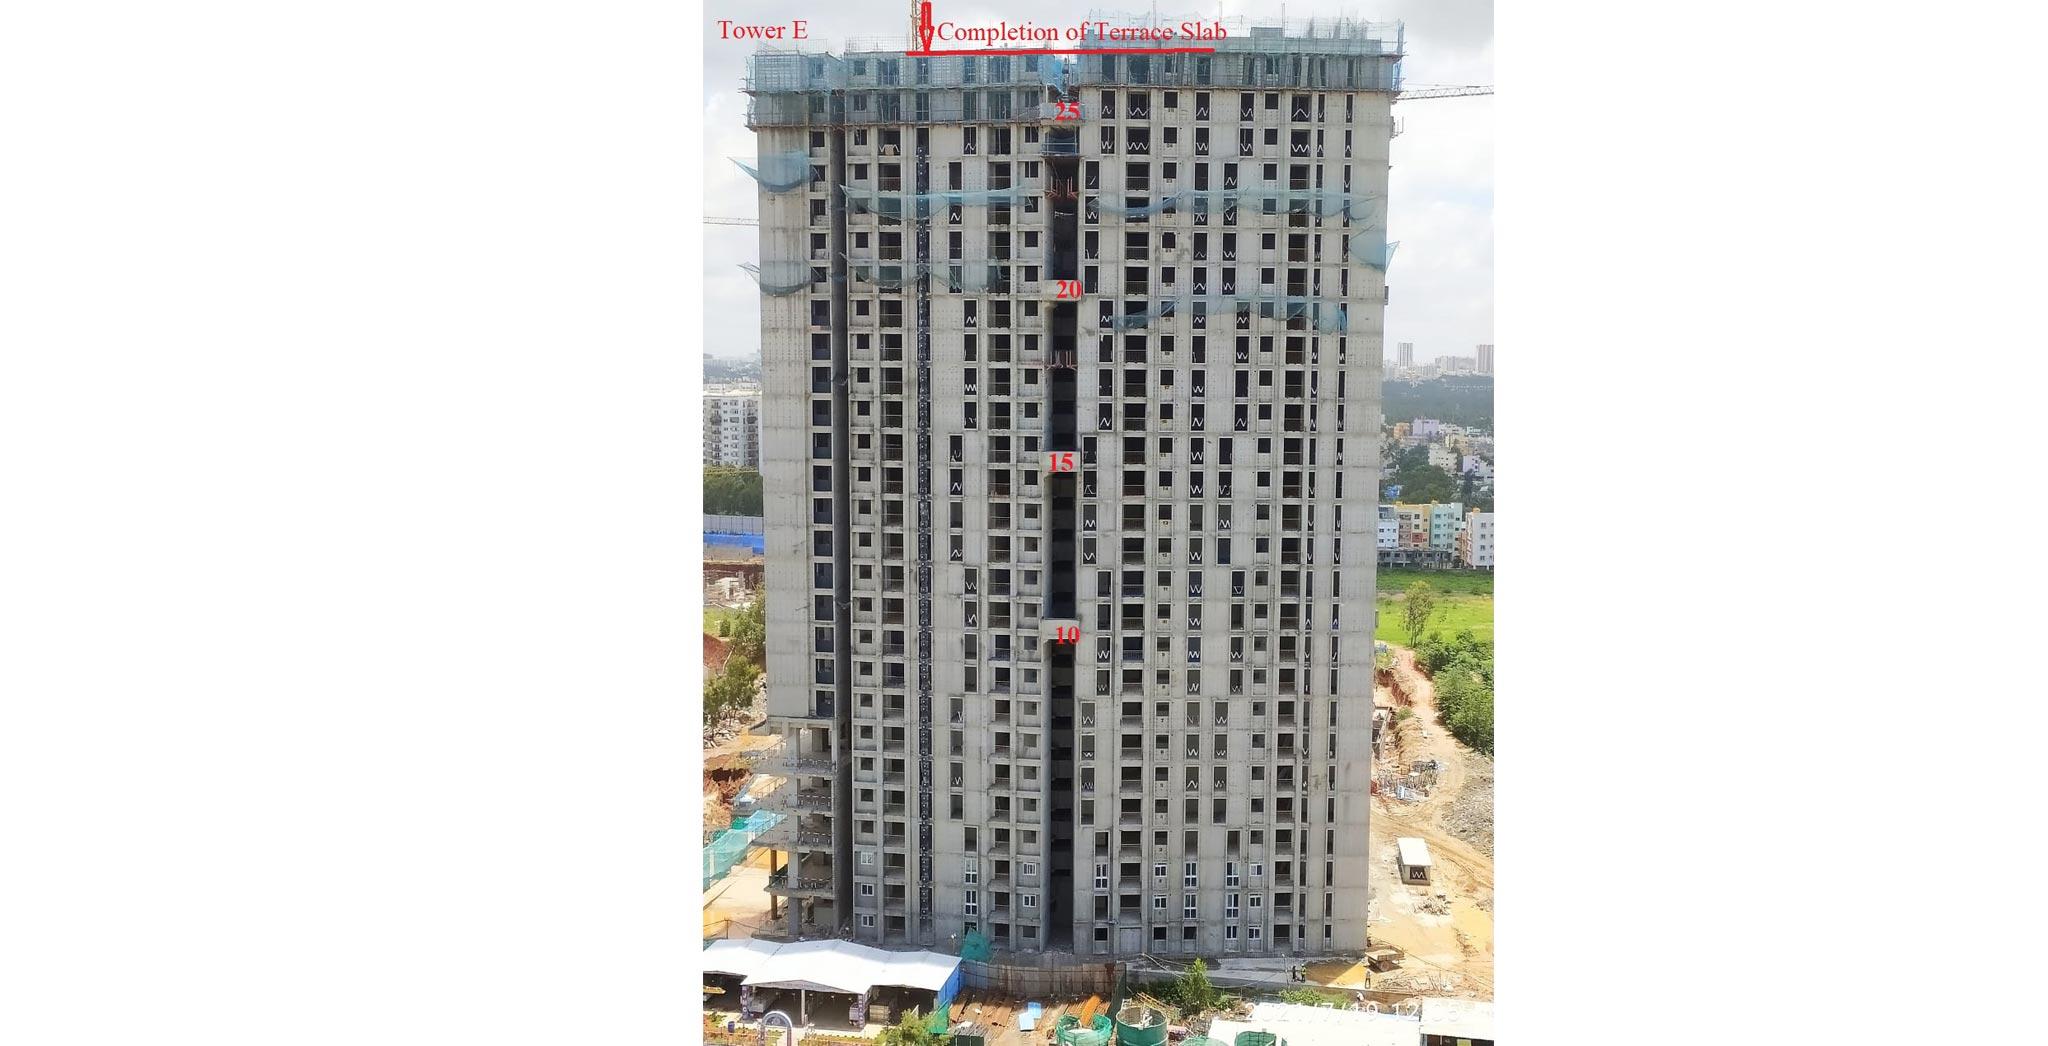 Jul 2021 - Eden Tower E - On Casting of Terrace slab